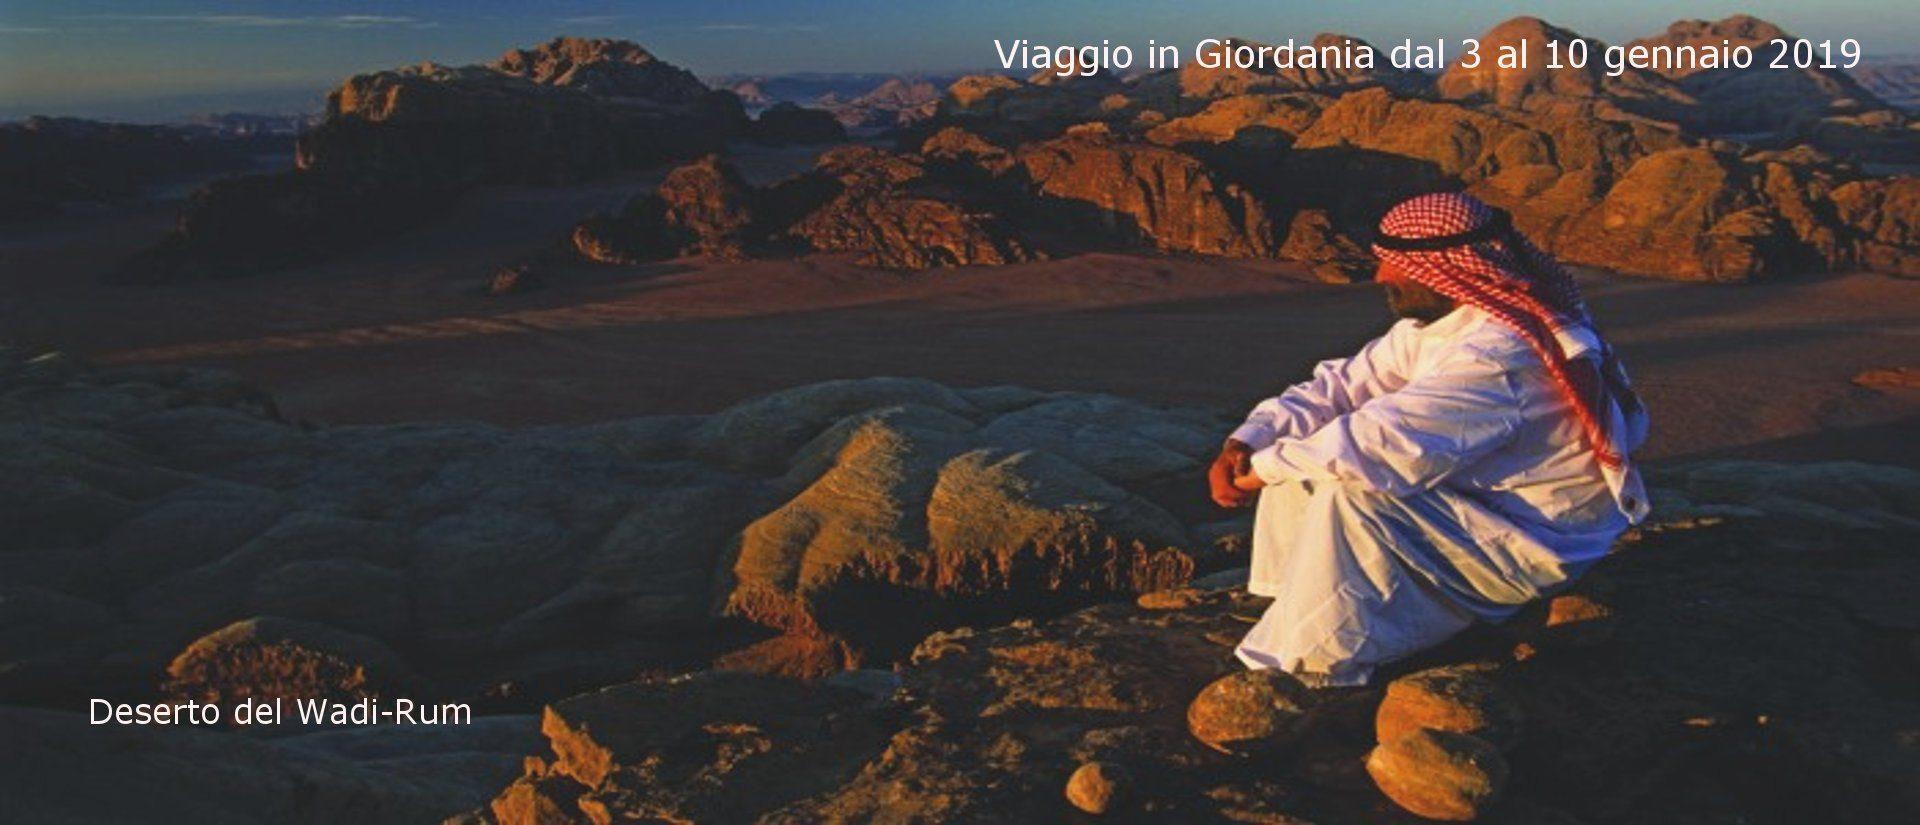 Viaggio in Giordania deserto del Wadi Rum